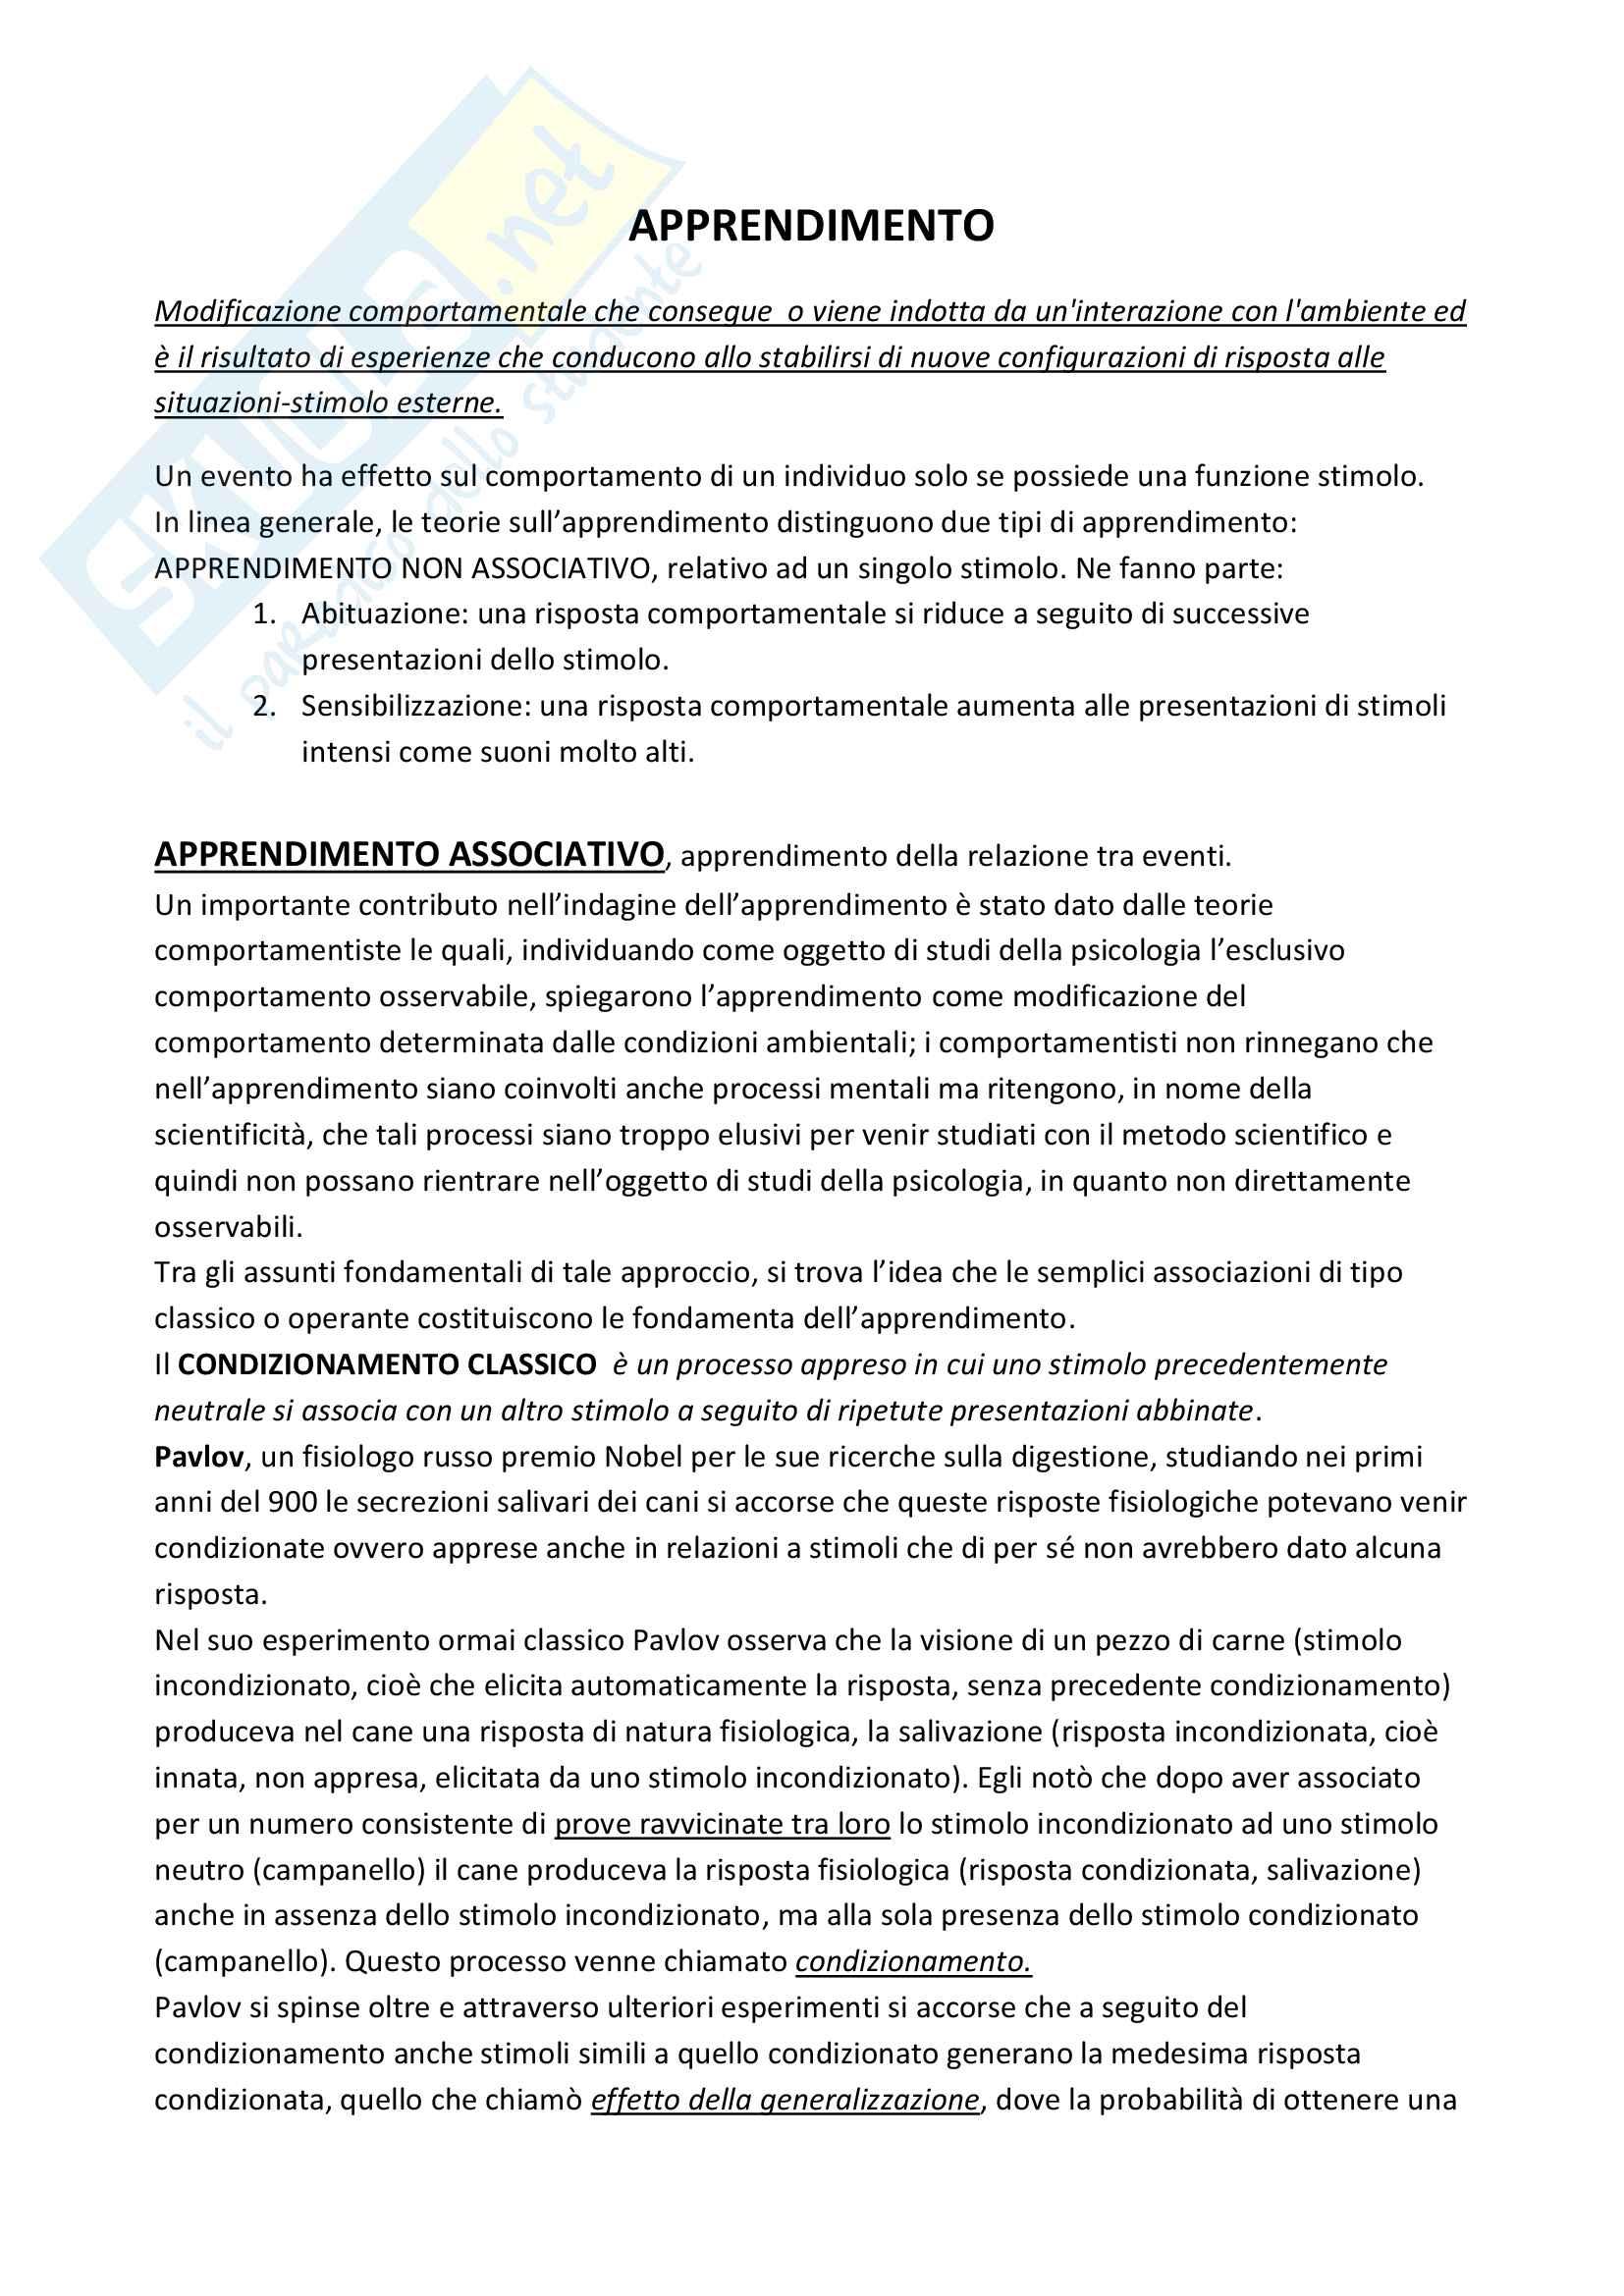 Psicologia generale - apprendimento, attenzione, percezione, memoria Pag. 2